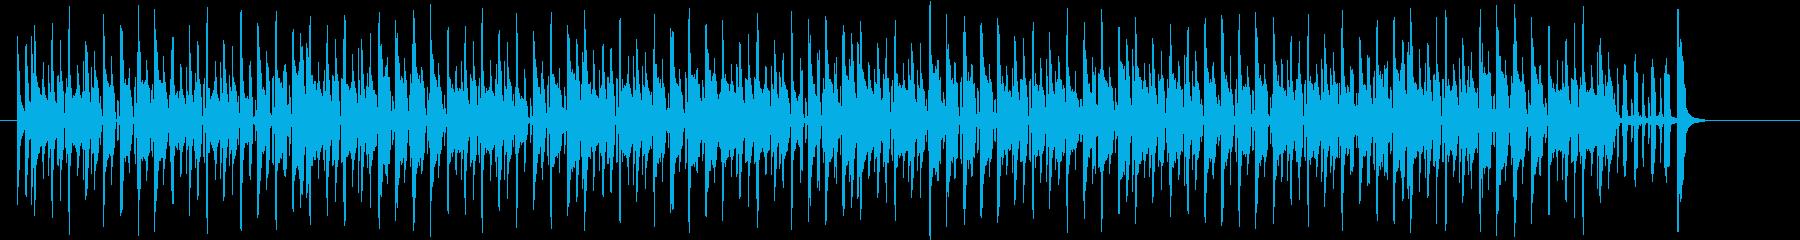 わくわく感のあるシンセサイザーサウンドの再生済みの波形